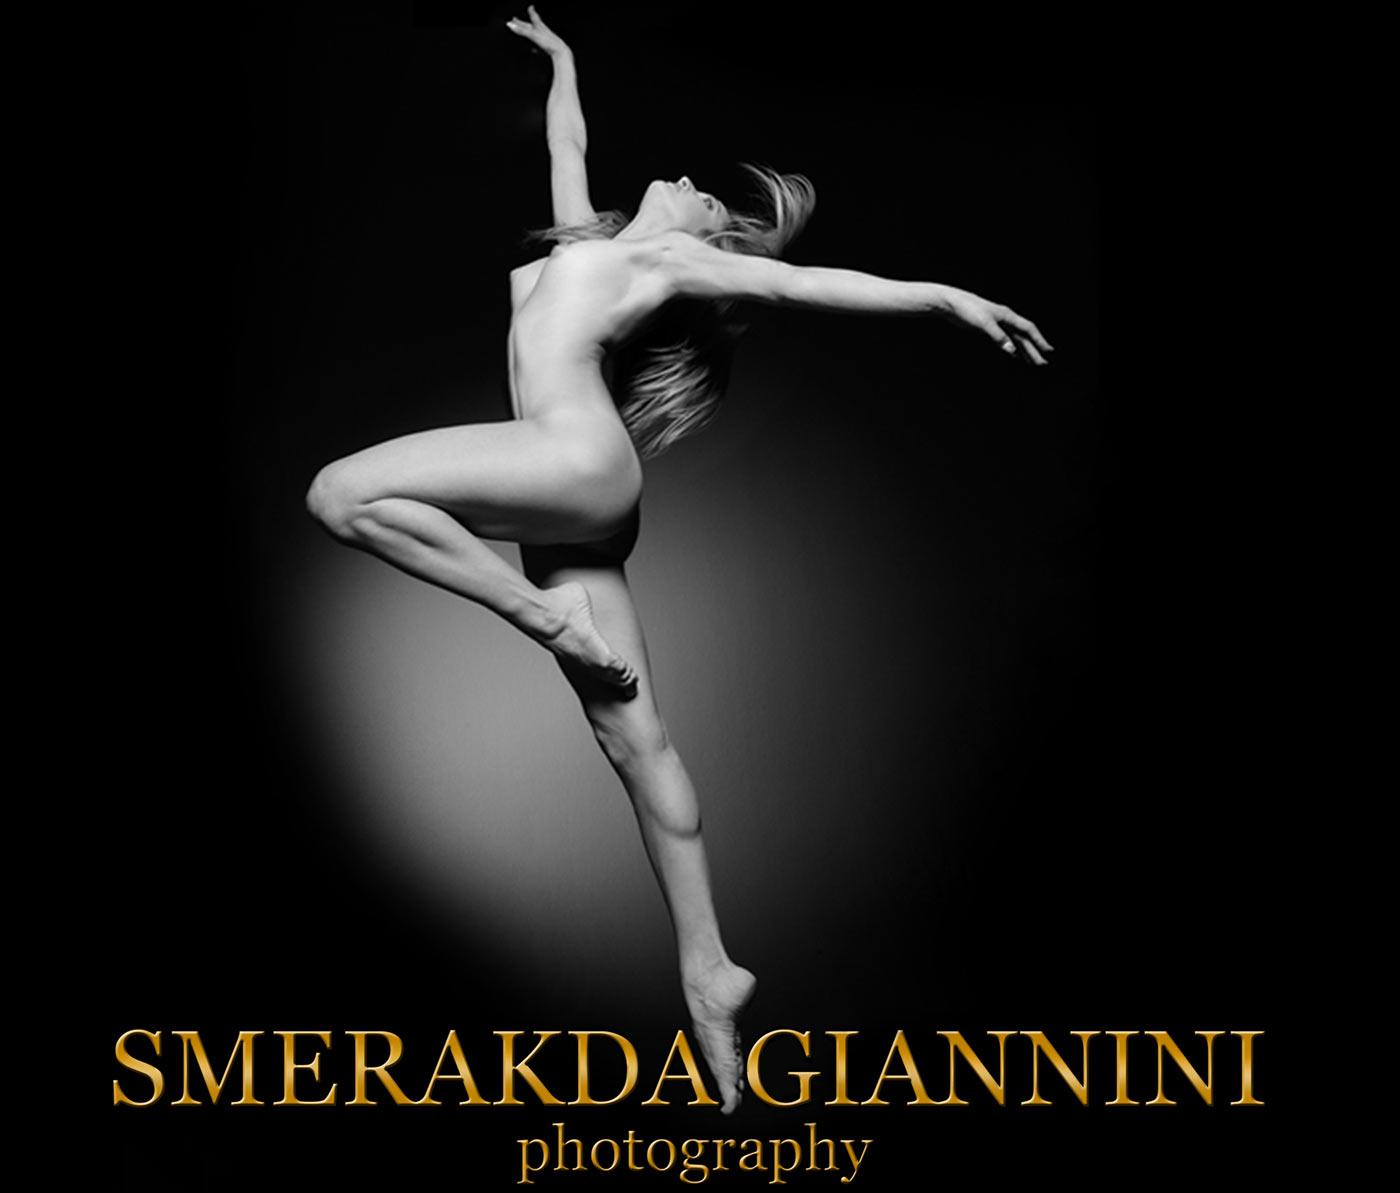 Smerakda Giannini Photography